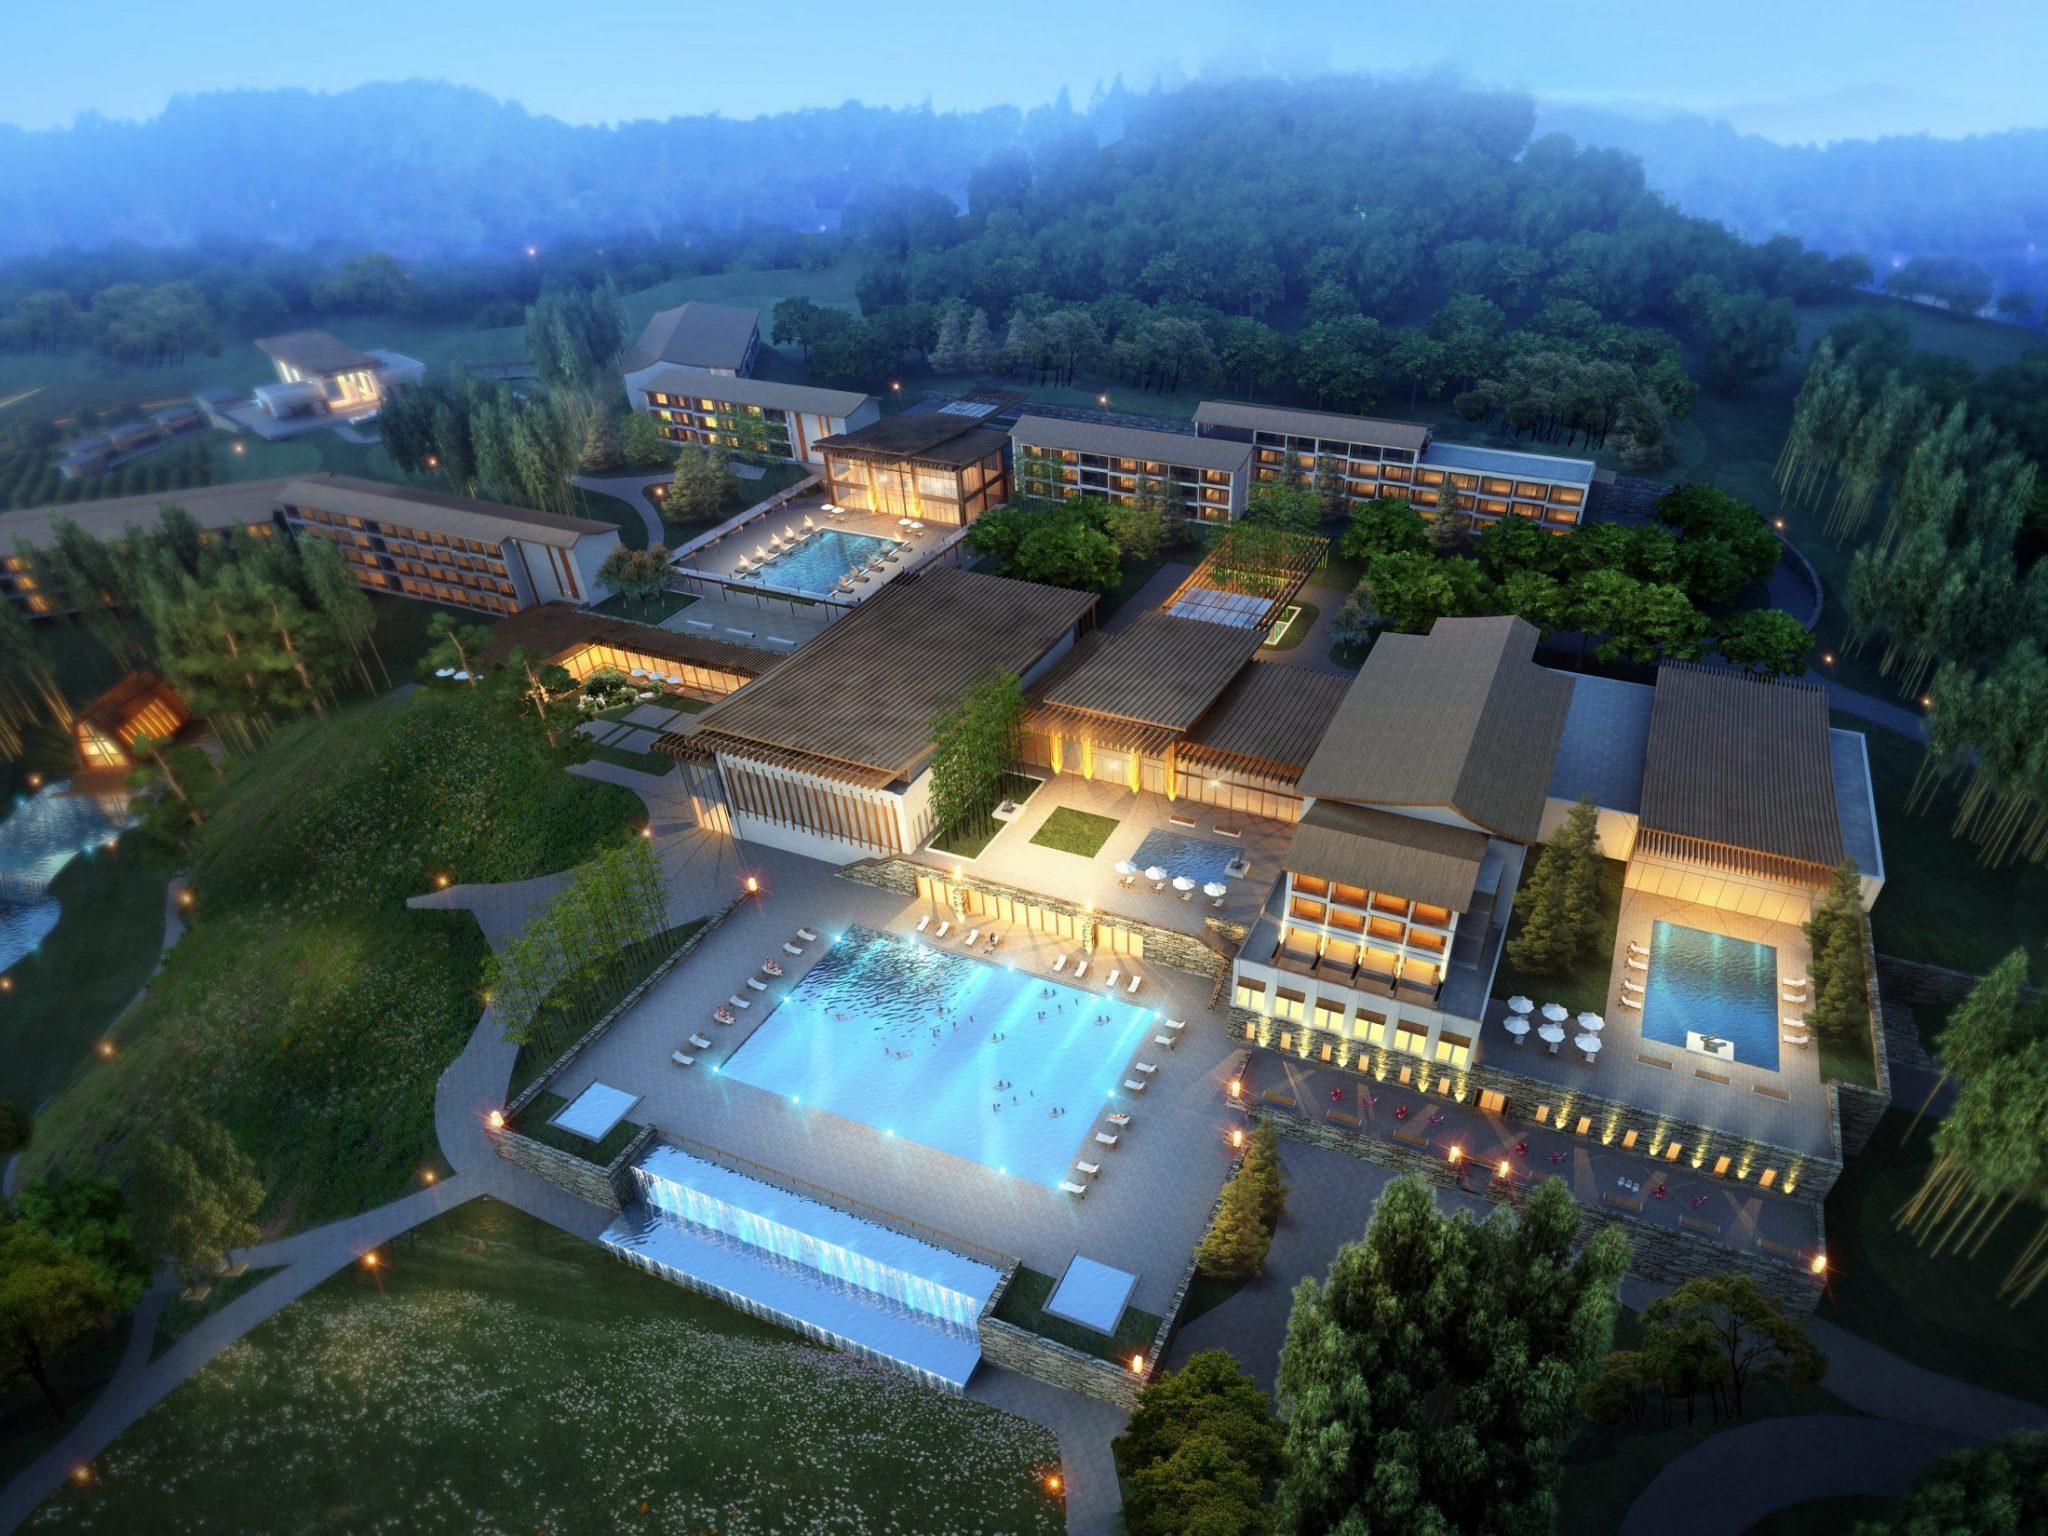 Club Med Resort Anji